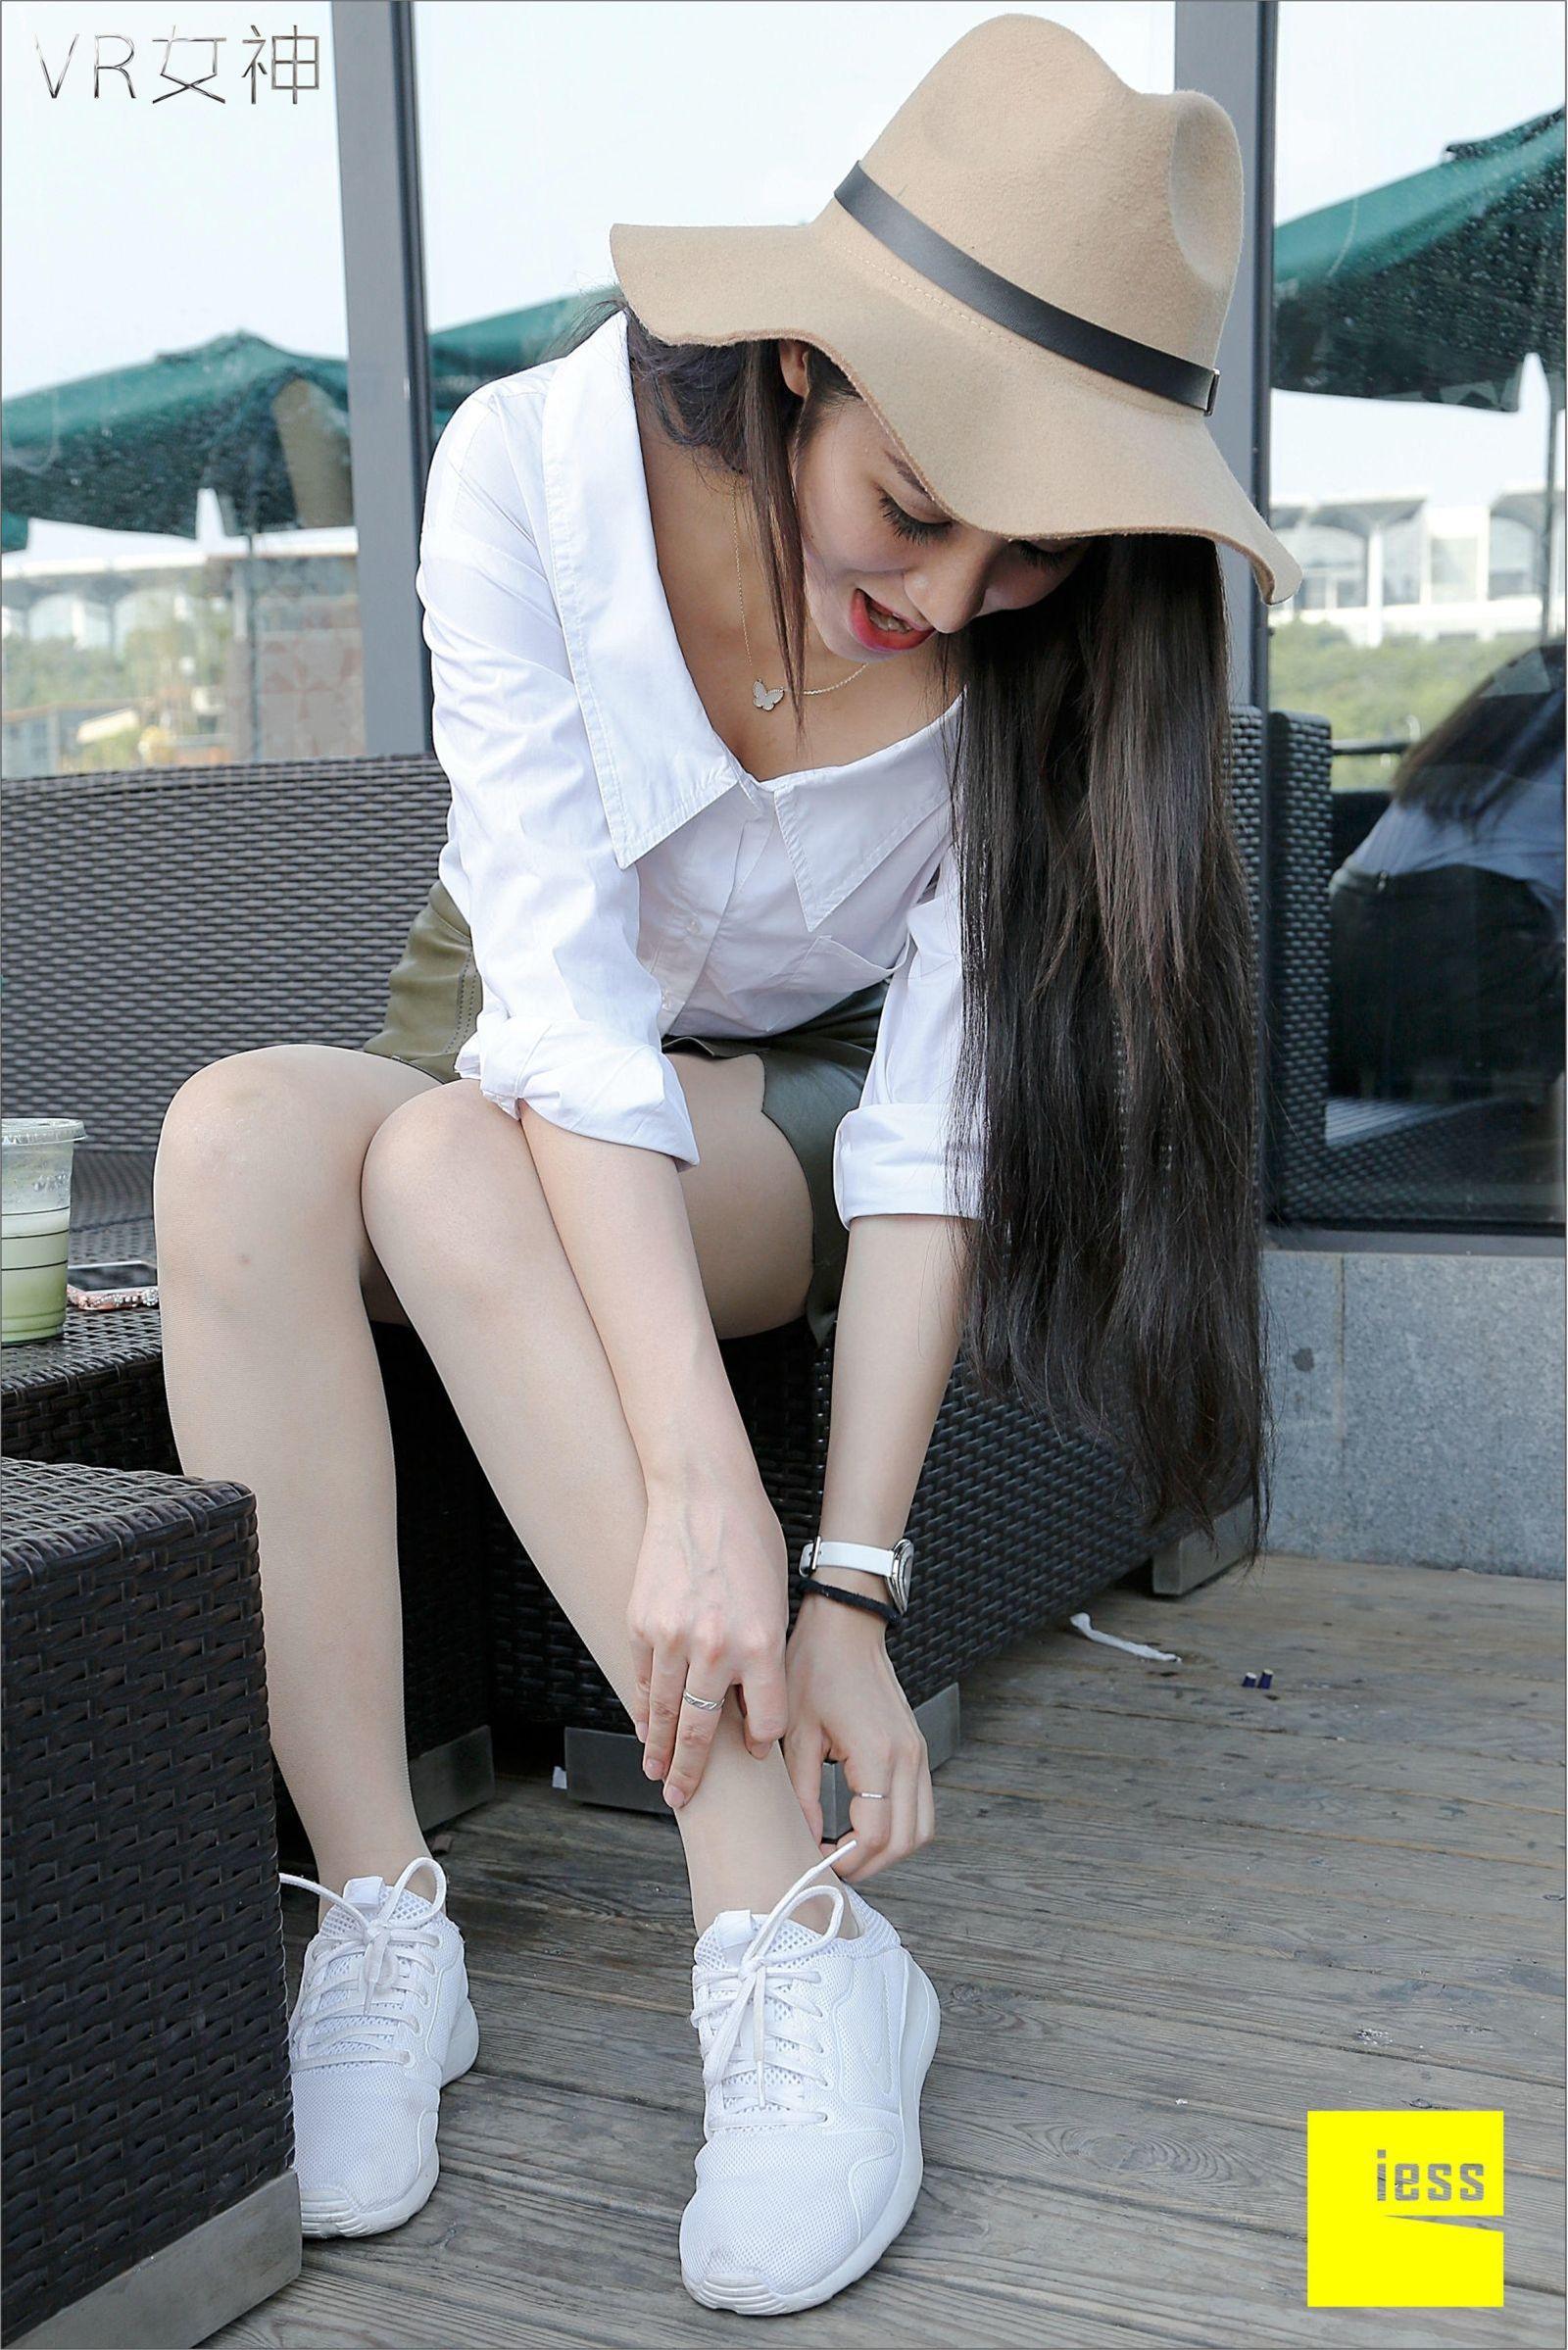 [异思趣向] 女主播SASA 白球鞋的丝足梦游[95P] 异思趣向 第3张